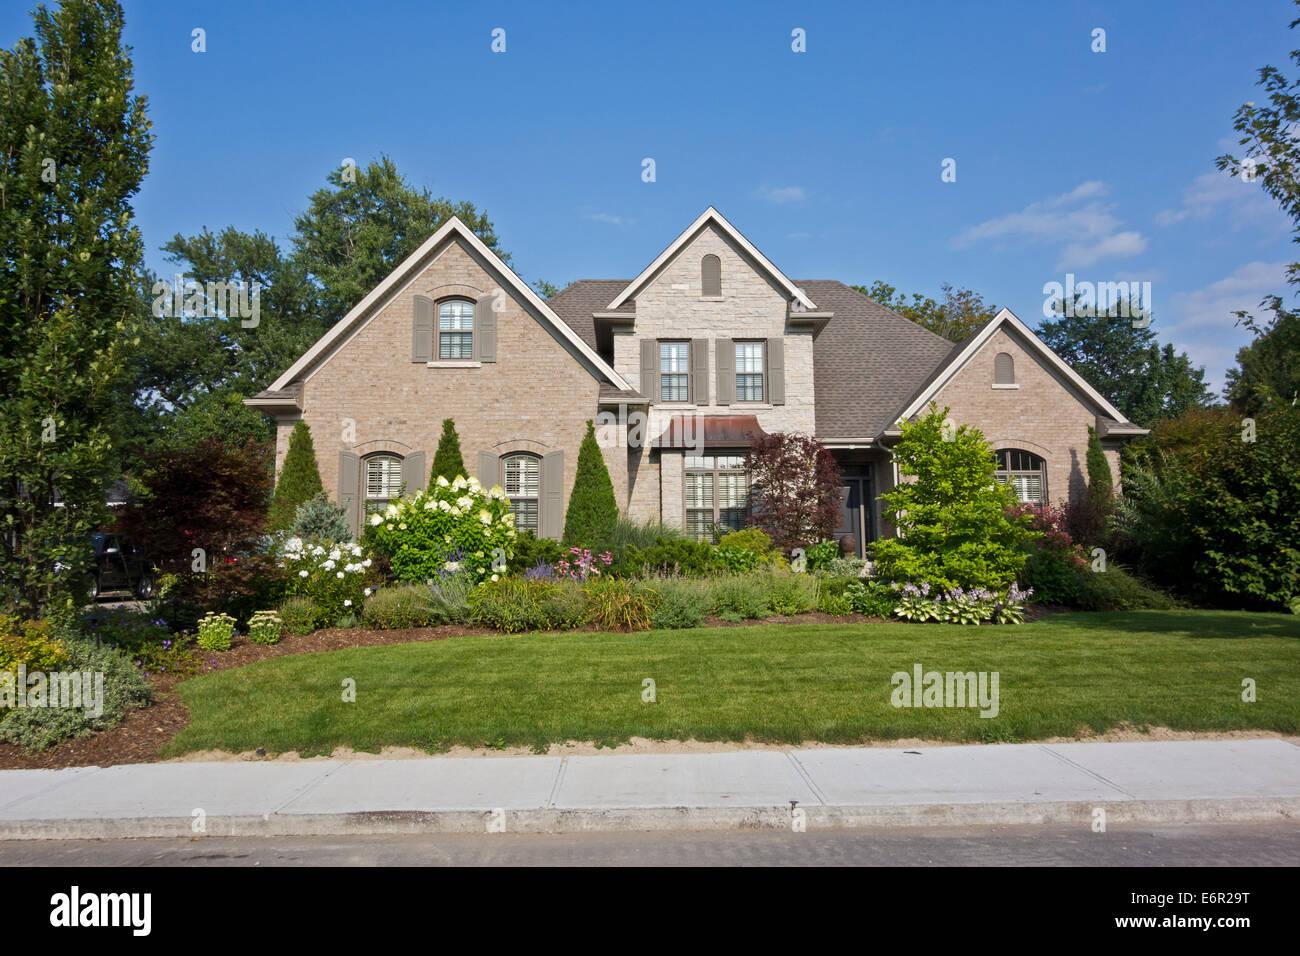 Attraktive ältere und wohlhabenden Haus mit gepflegten Garten und Blumen in St. Catharines, Ontario, Kanada. Stockbild